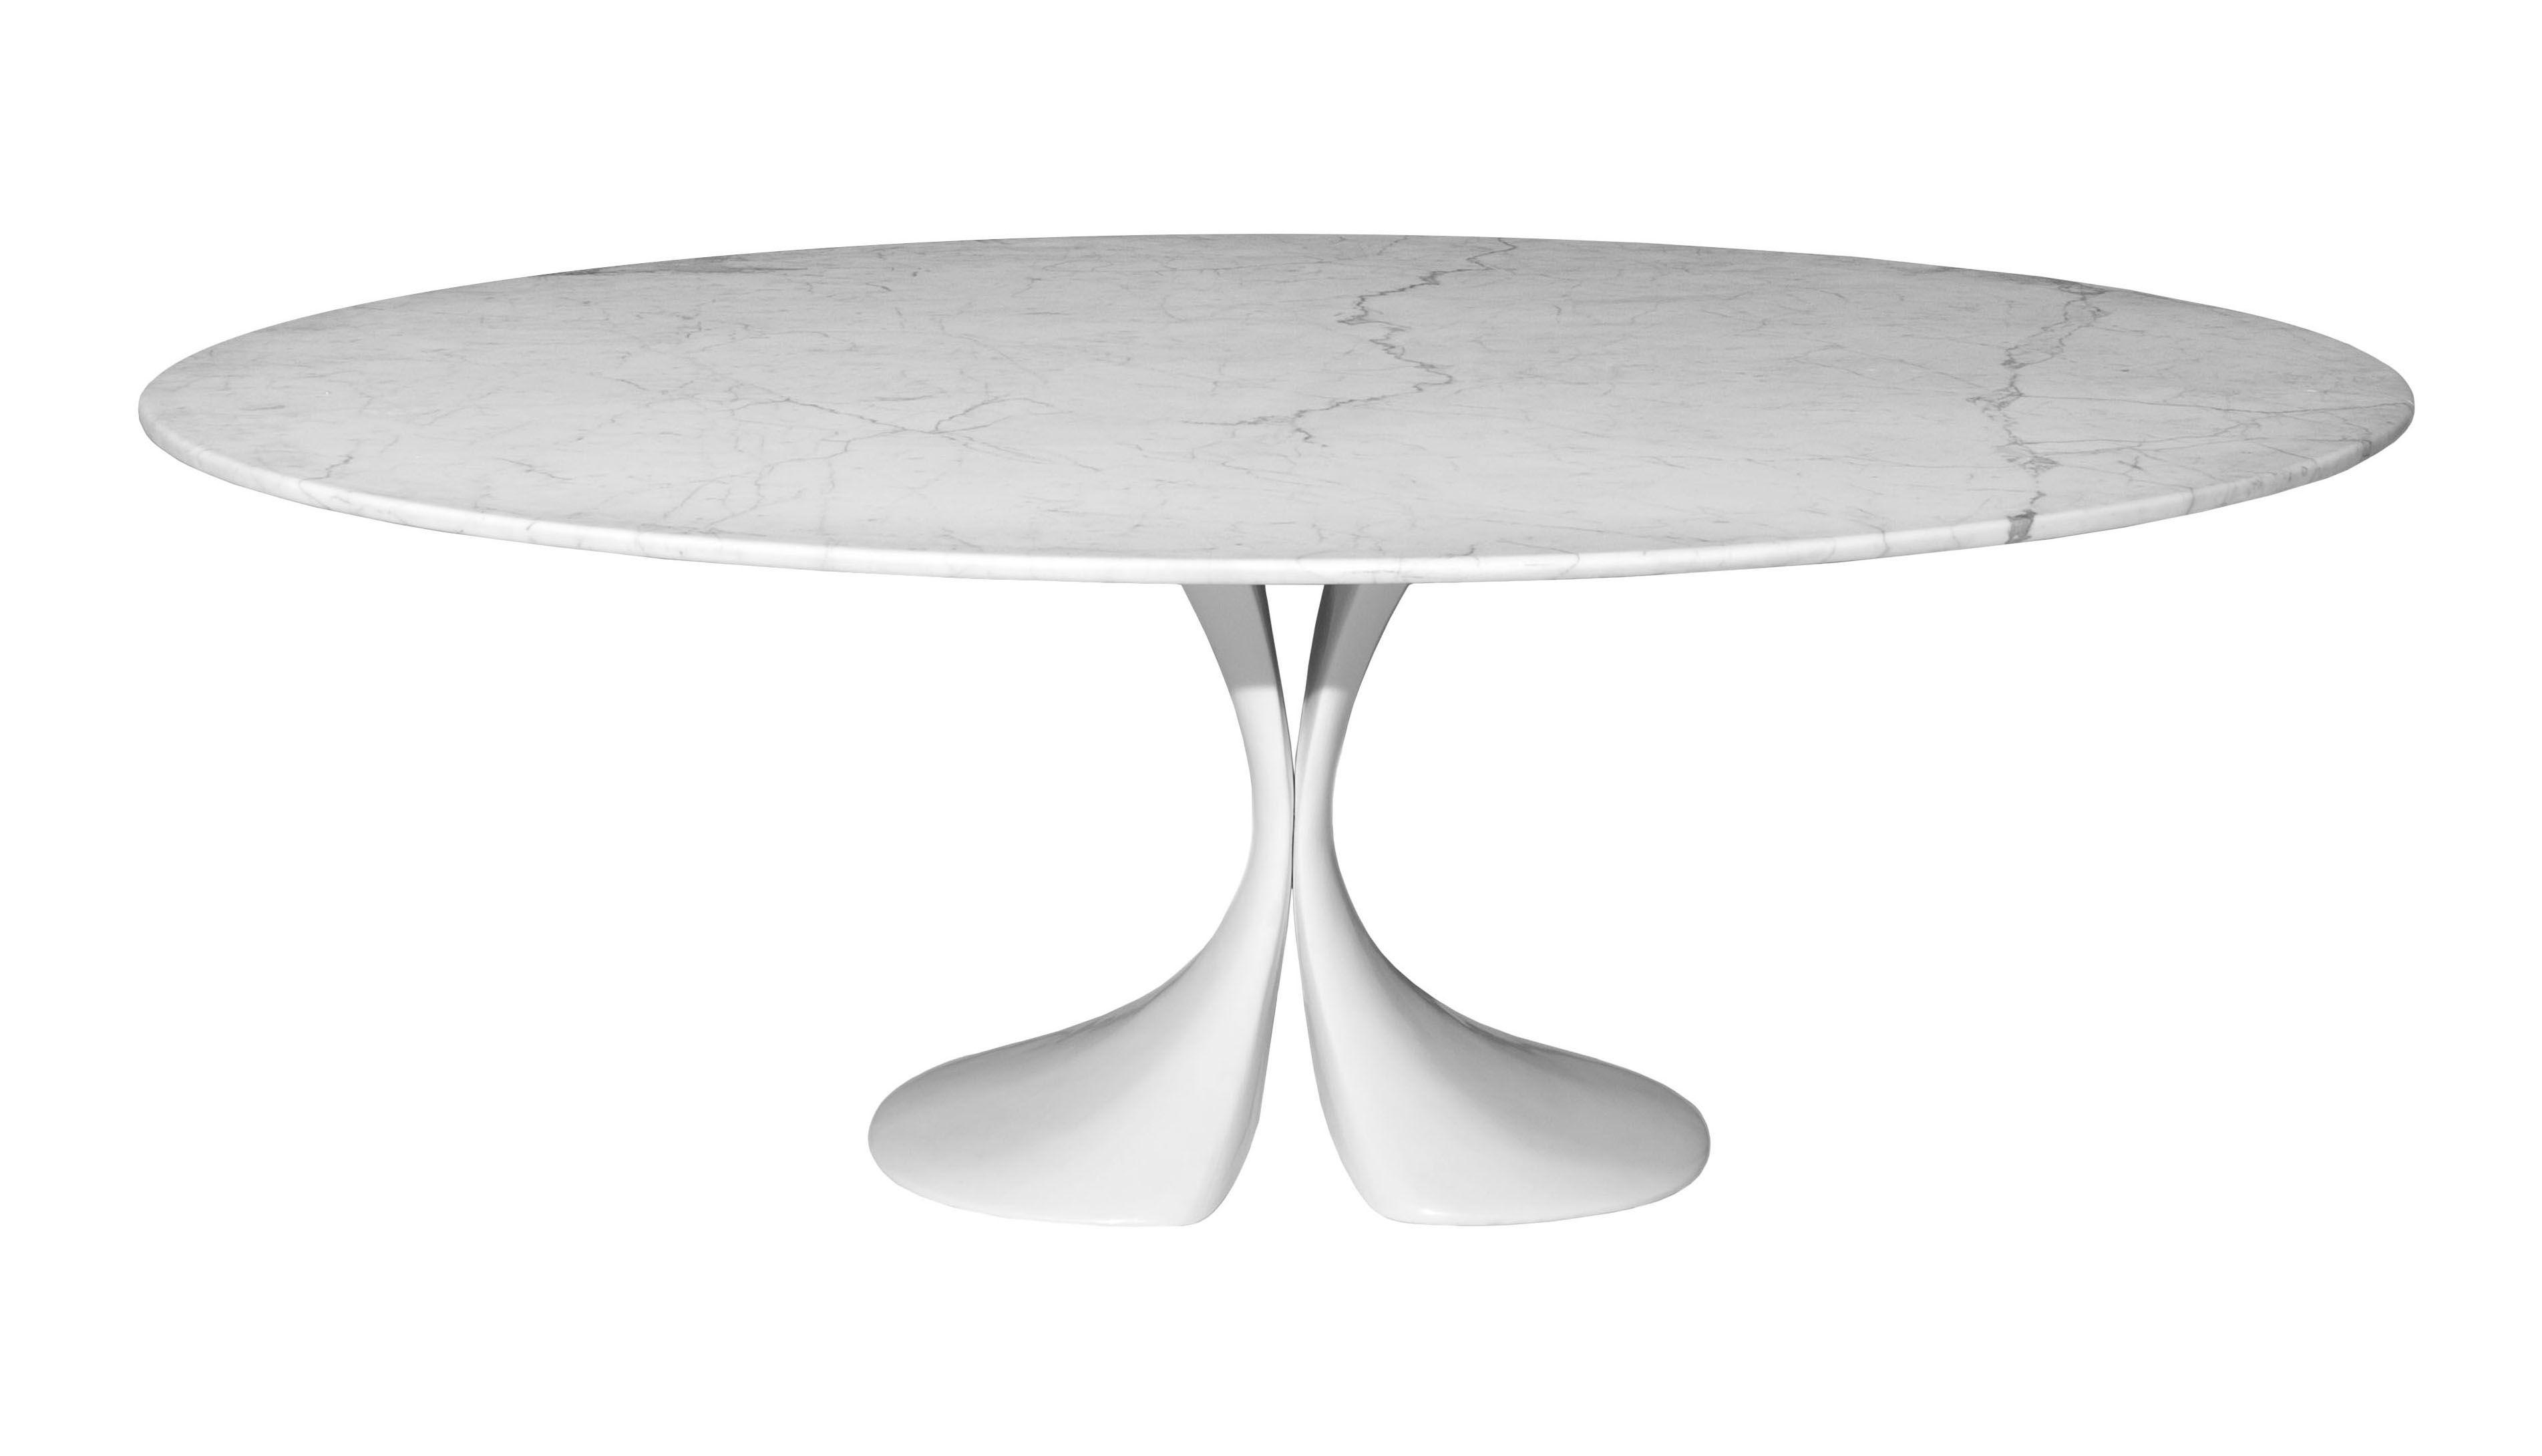 Tendenze - Sala da pranzo - Tavolo ovale Didymos - 180 x 126 cm - Piano in marmo di Driade - Piano in marmo bianco - Cristalplant, Marmo